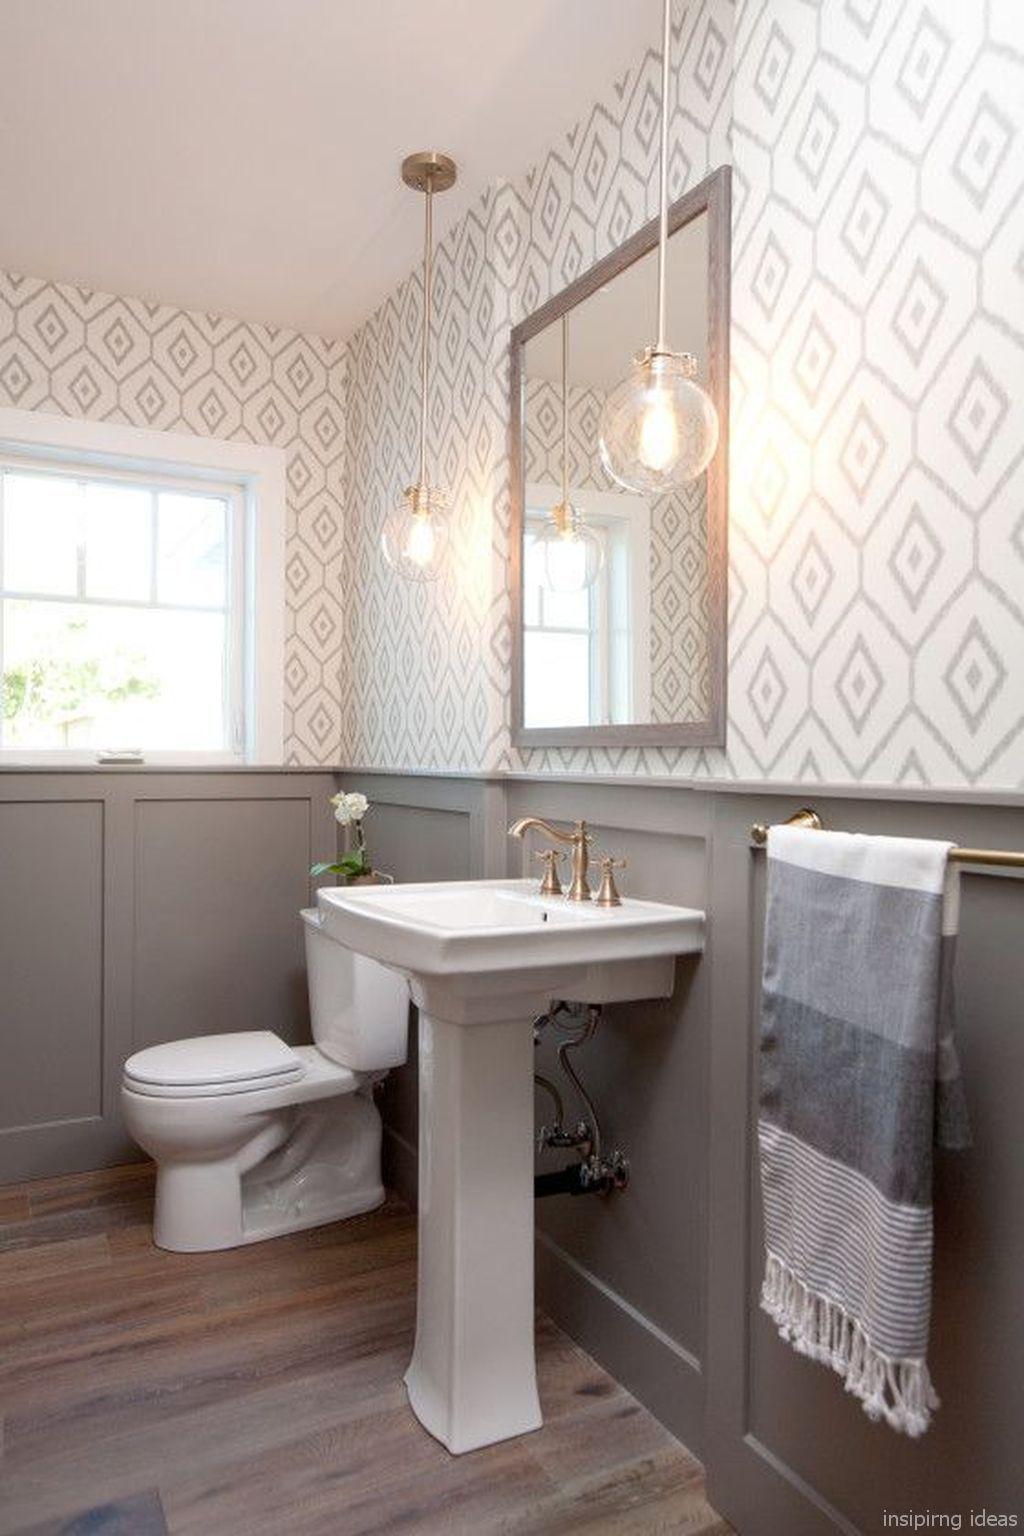 77 Fabulous Modern Farmhouse Bathroom Tile Ideas